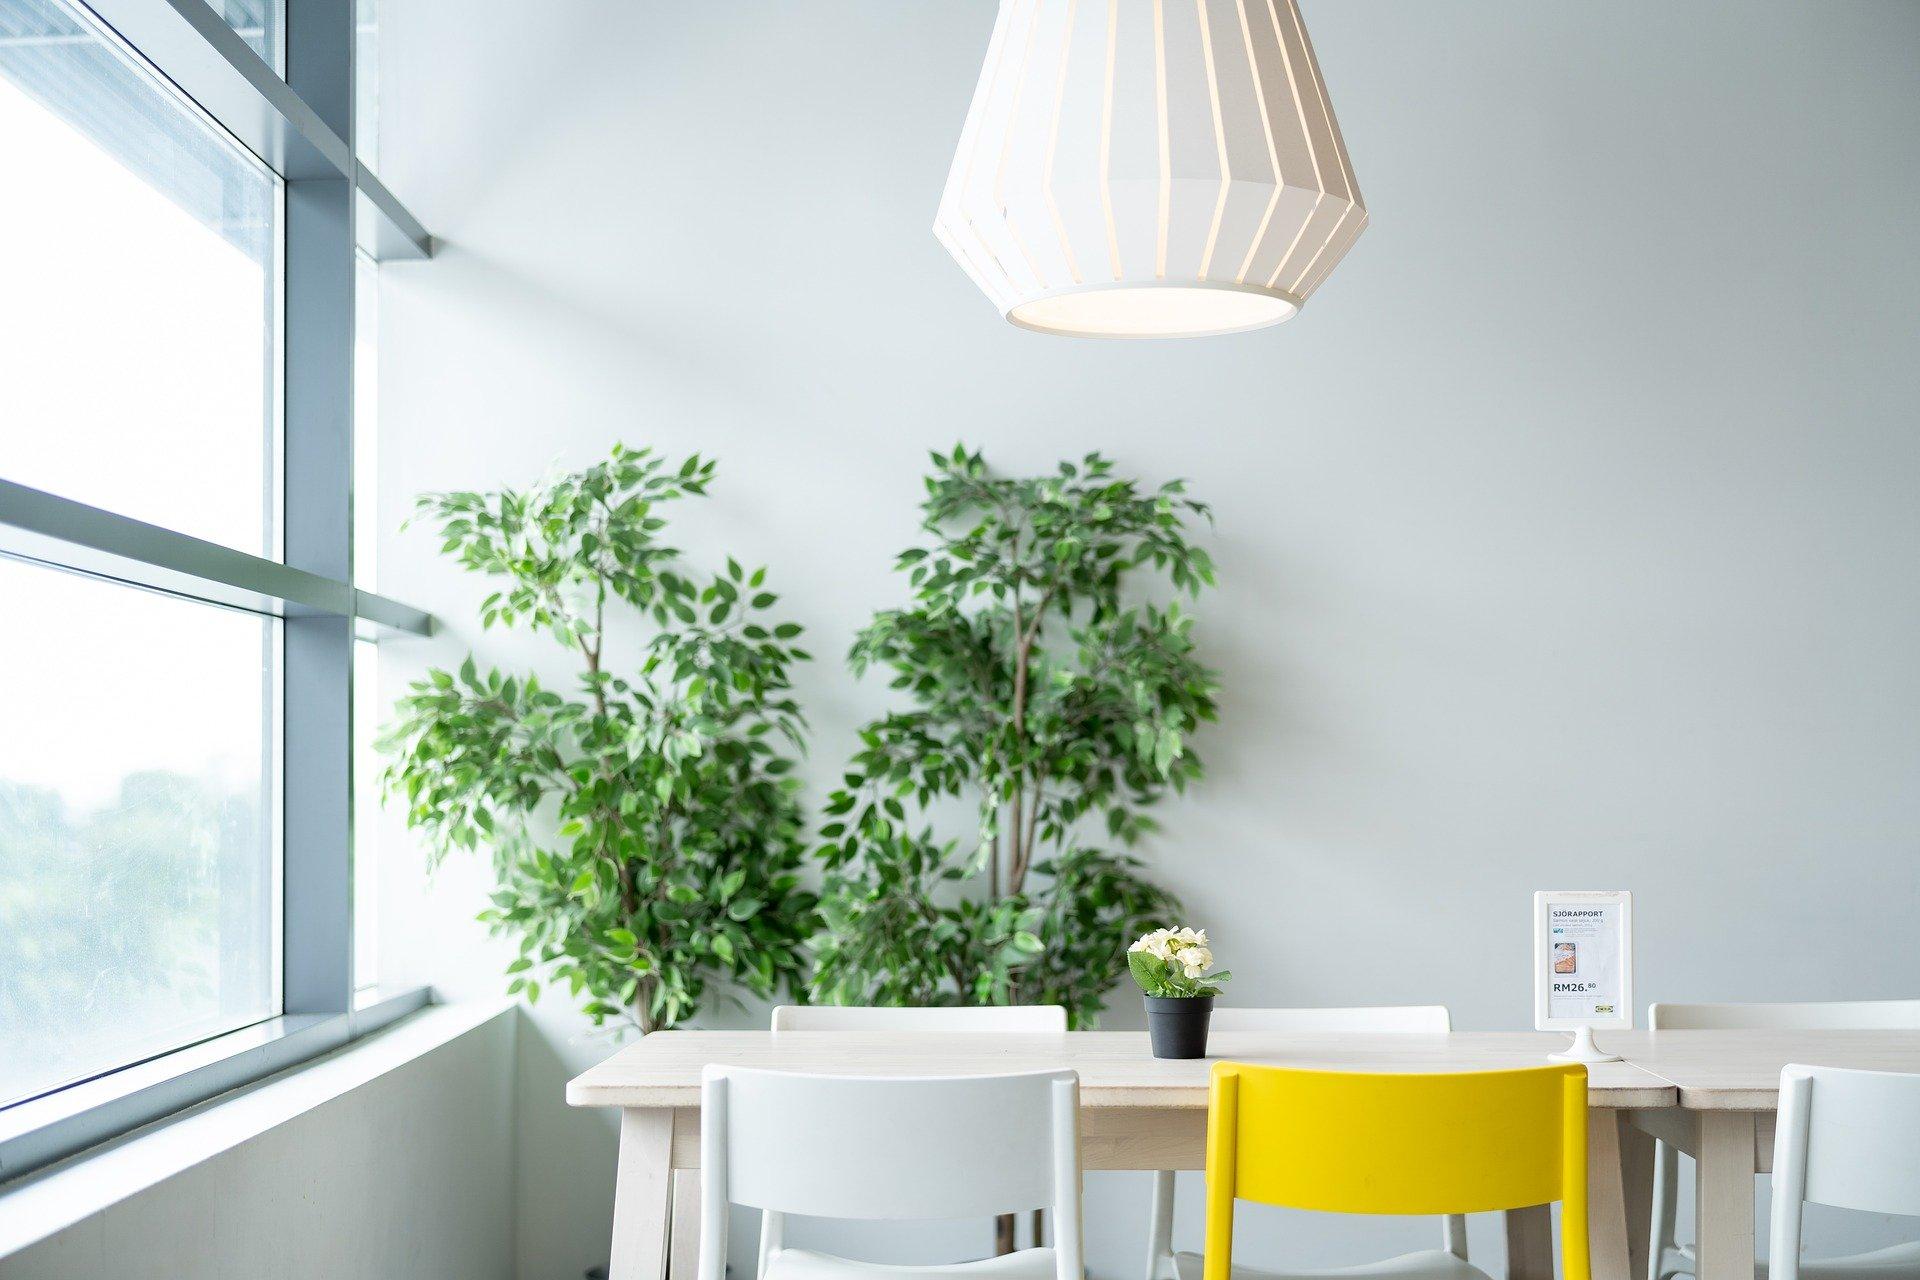 Eficiencia energética en edificación, la importancia de la iluminación natural